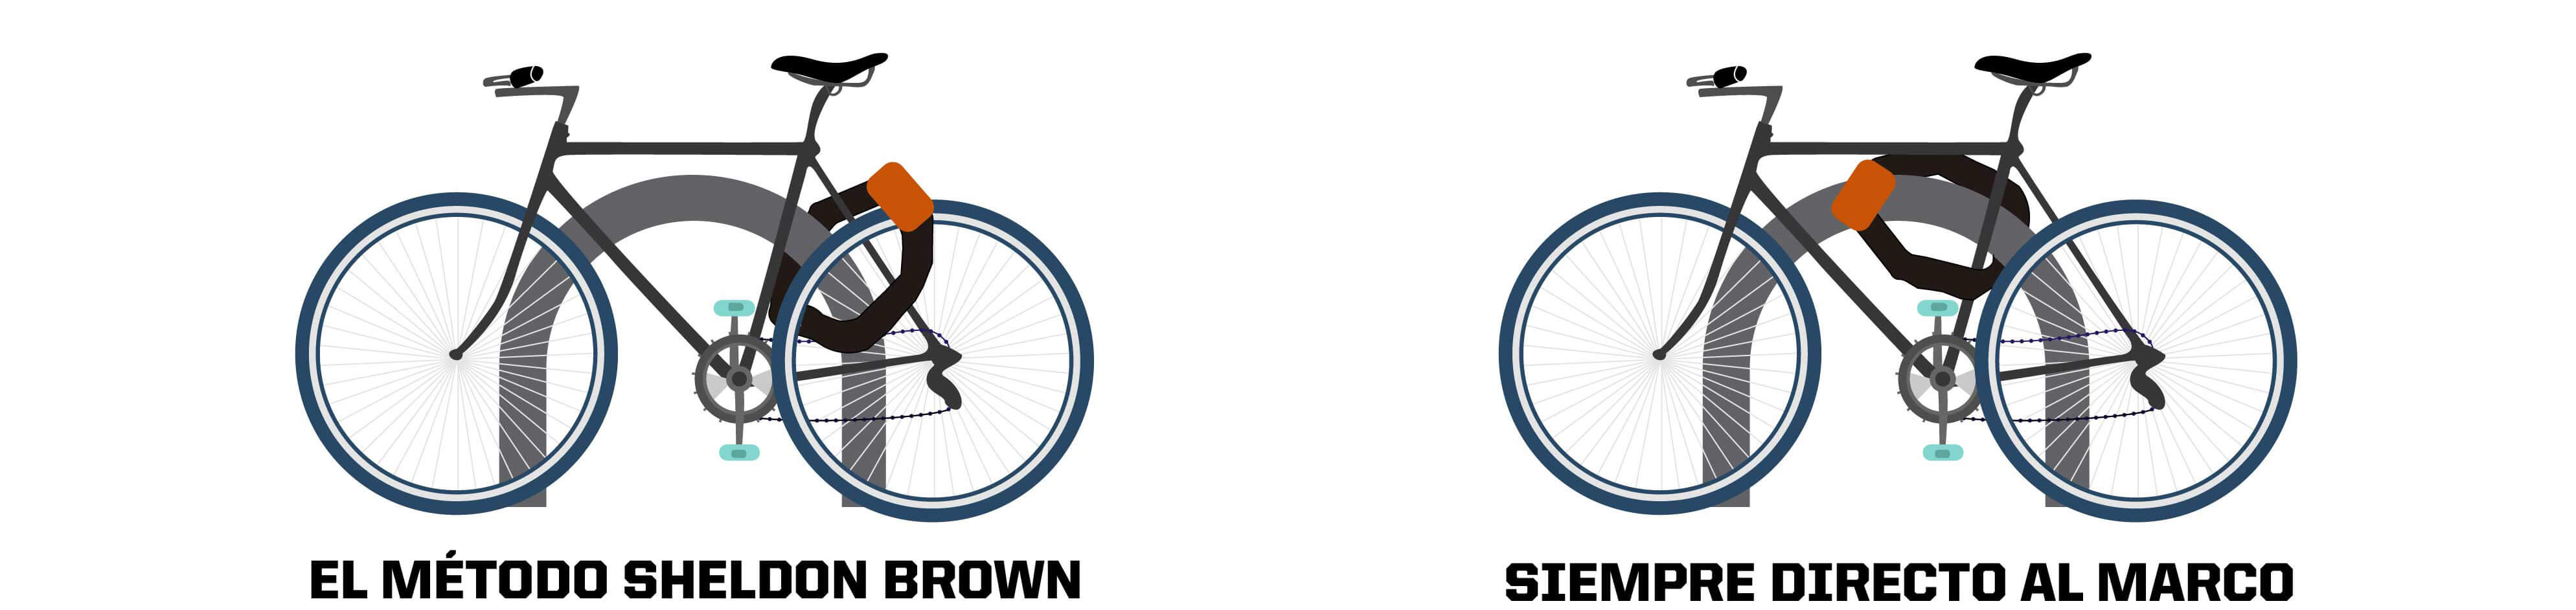 formas de asegurar bicicleta 2